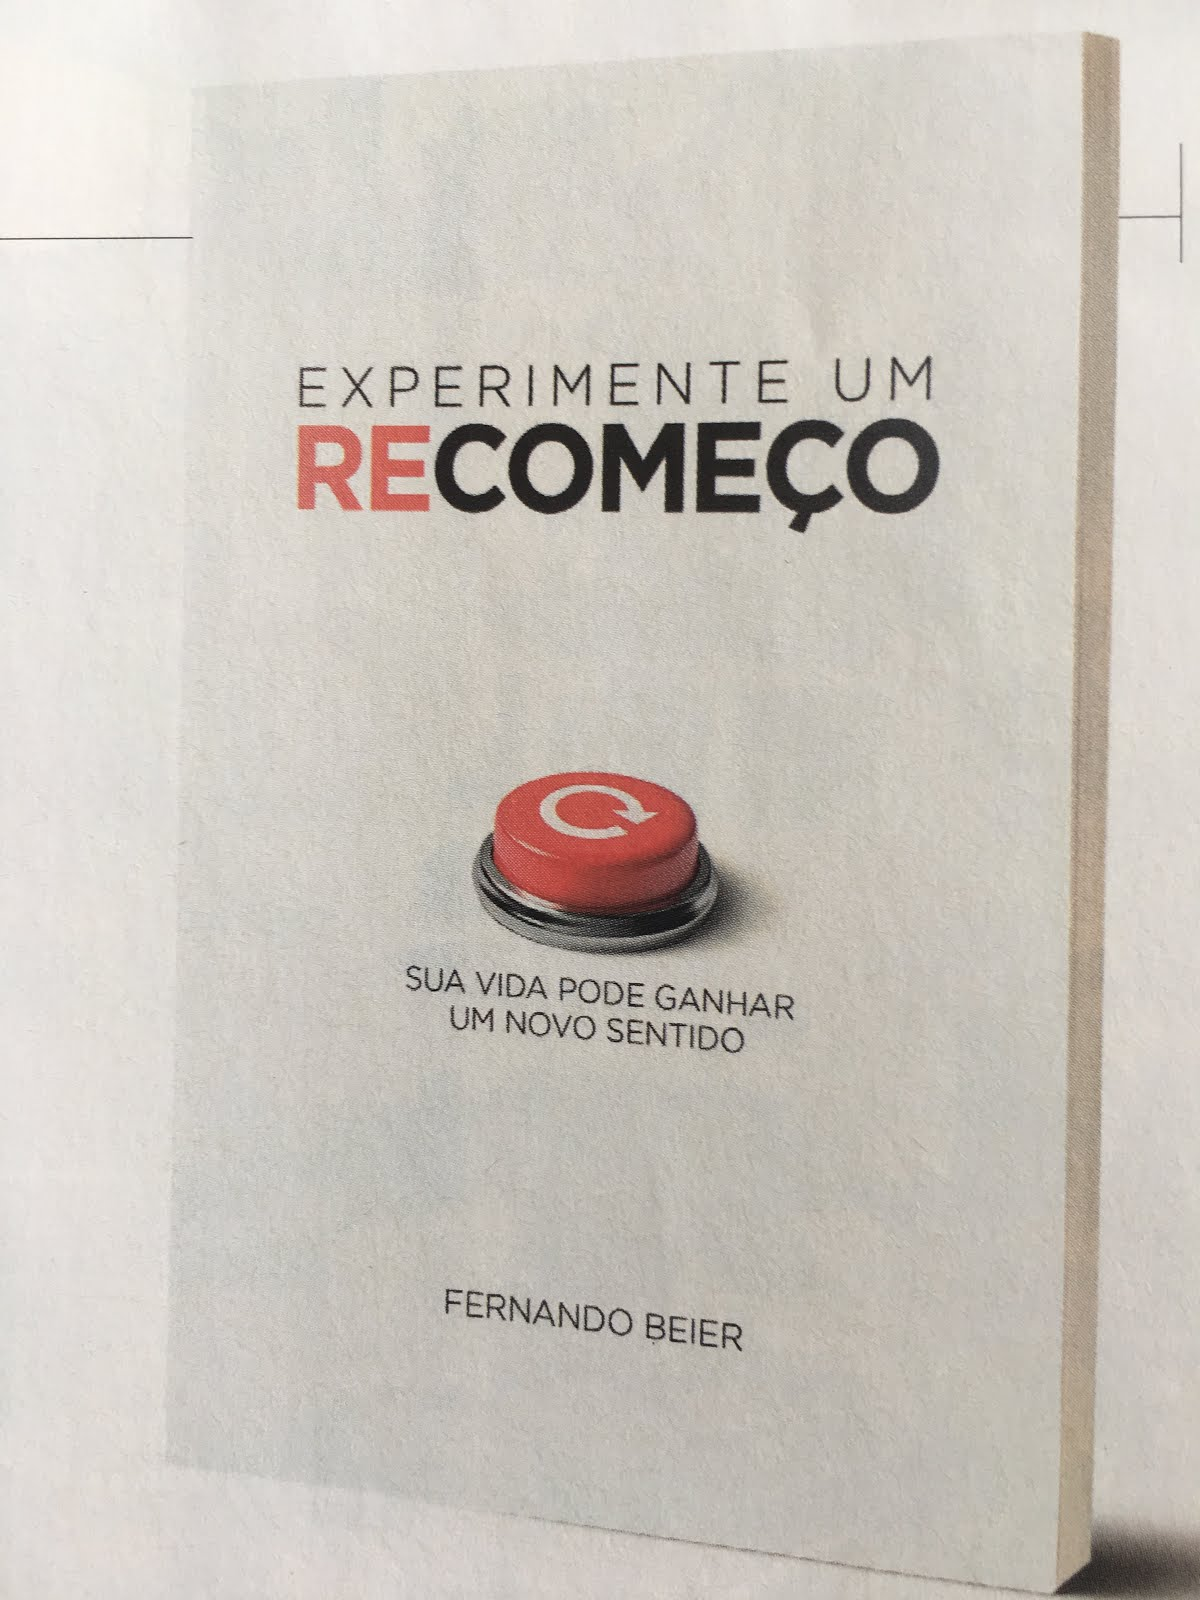 Livros de Fernando Beier